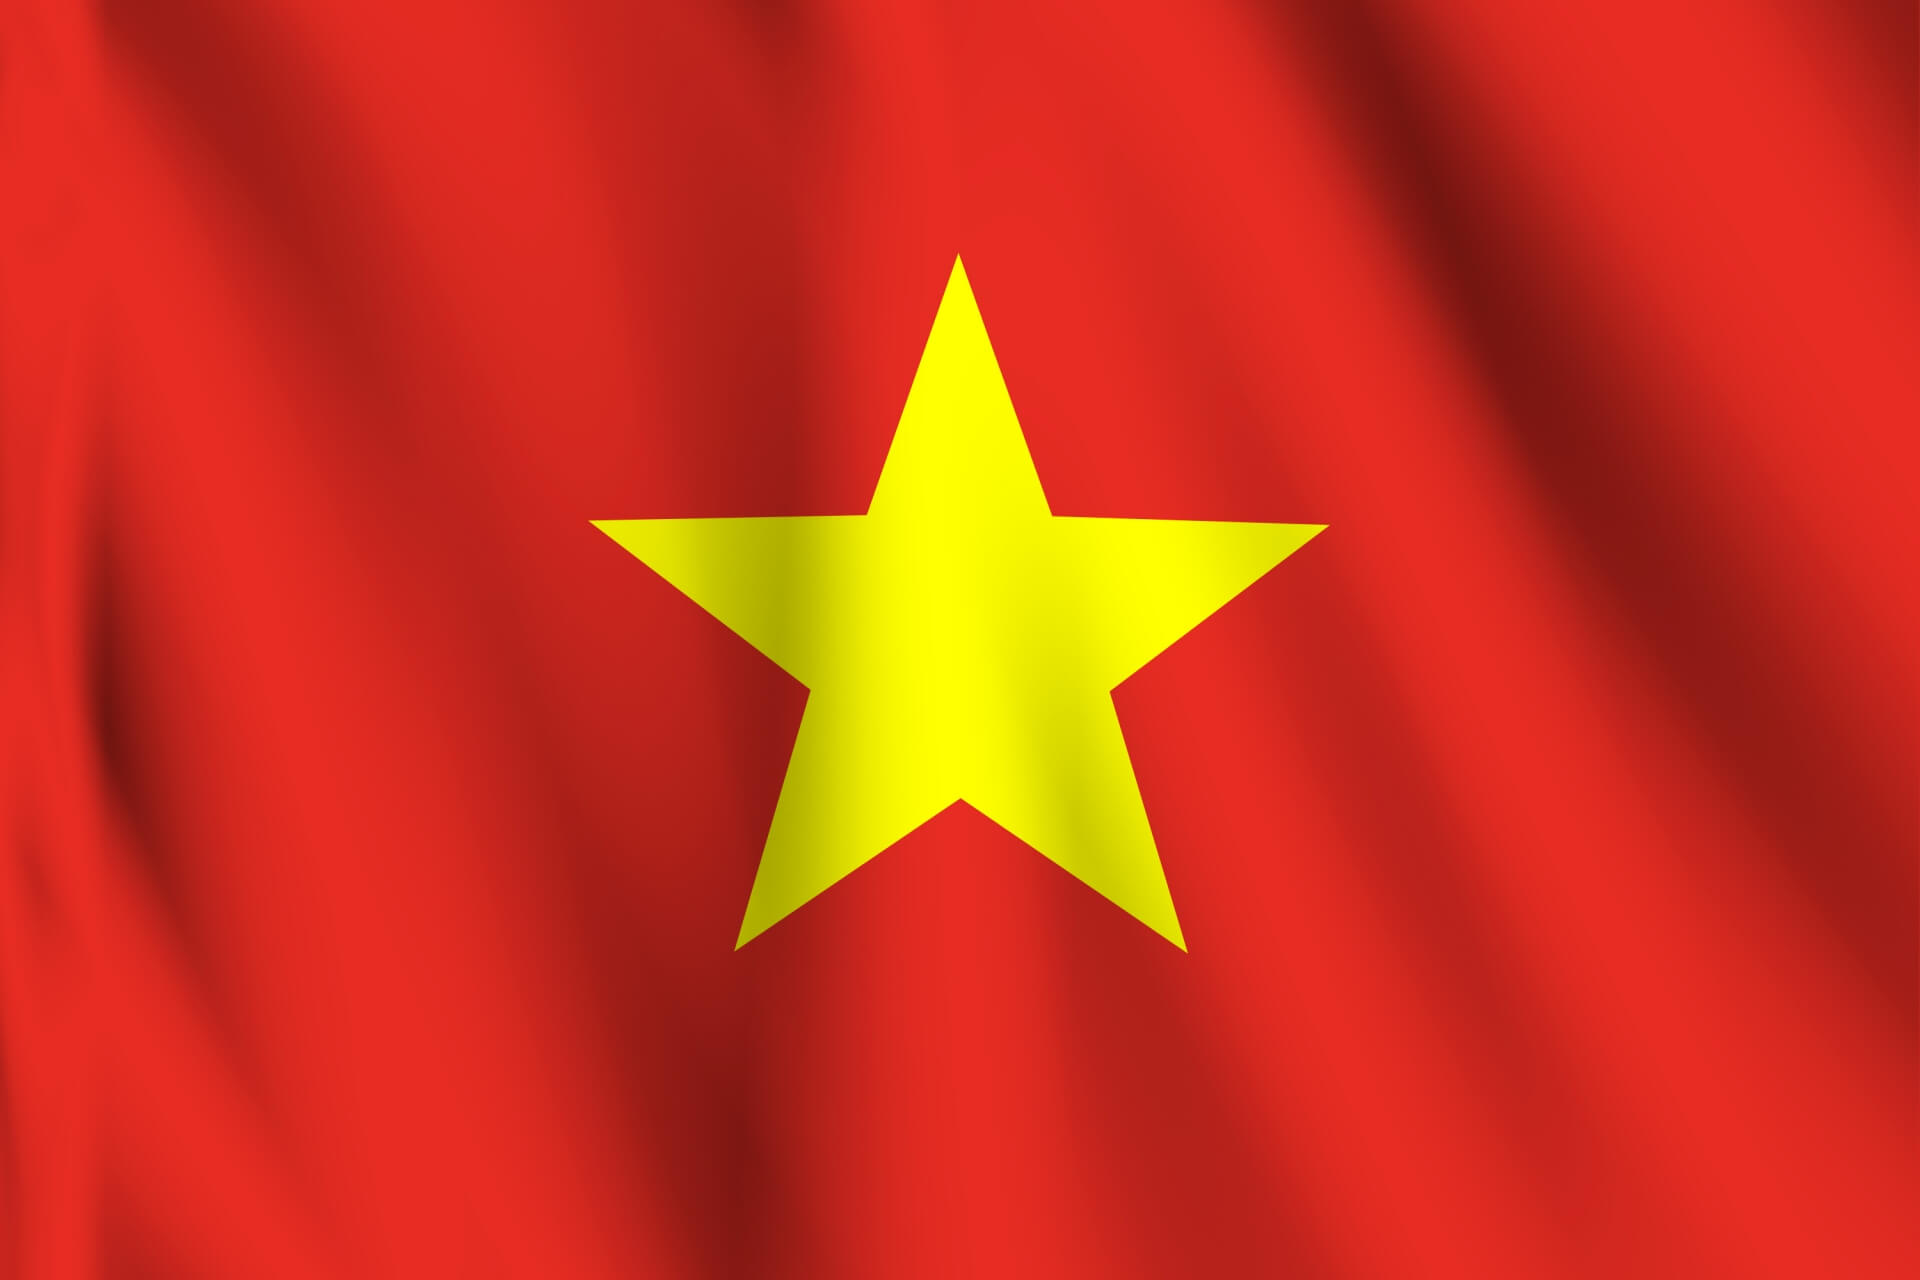 ベトナム国旗 (1)